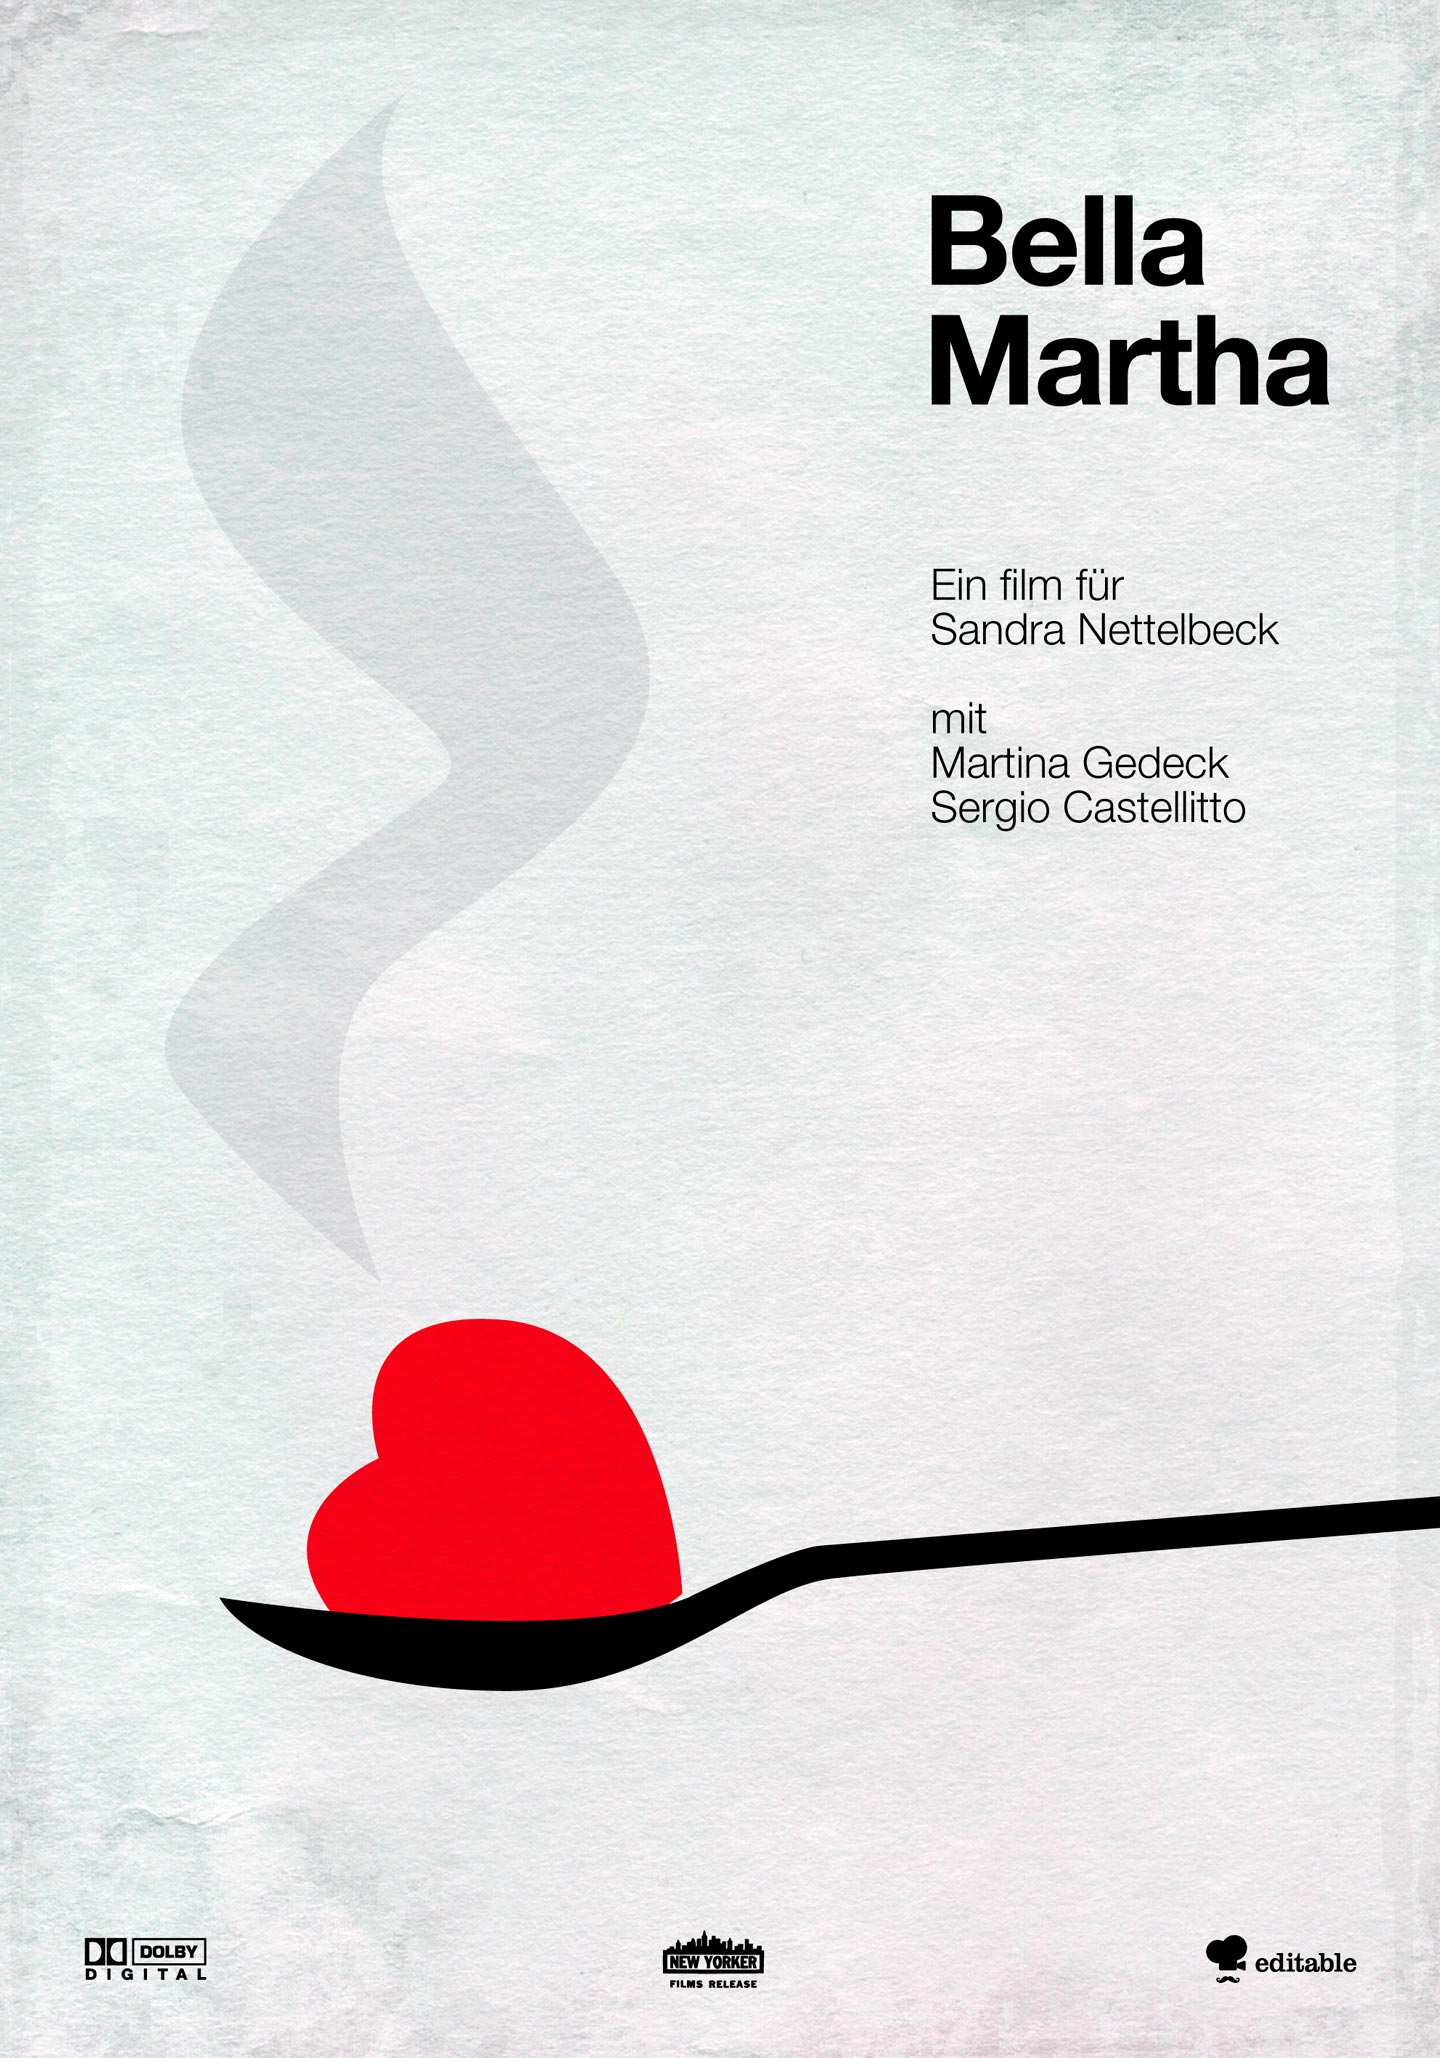 Bella Martha